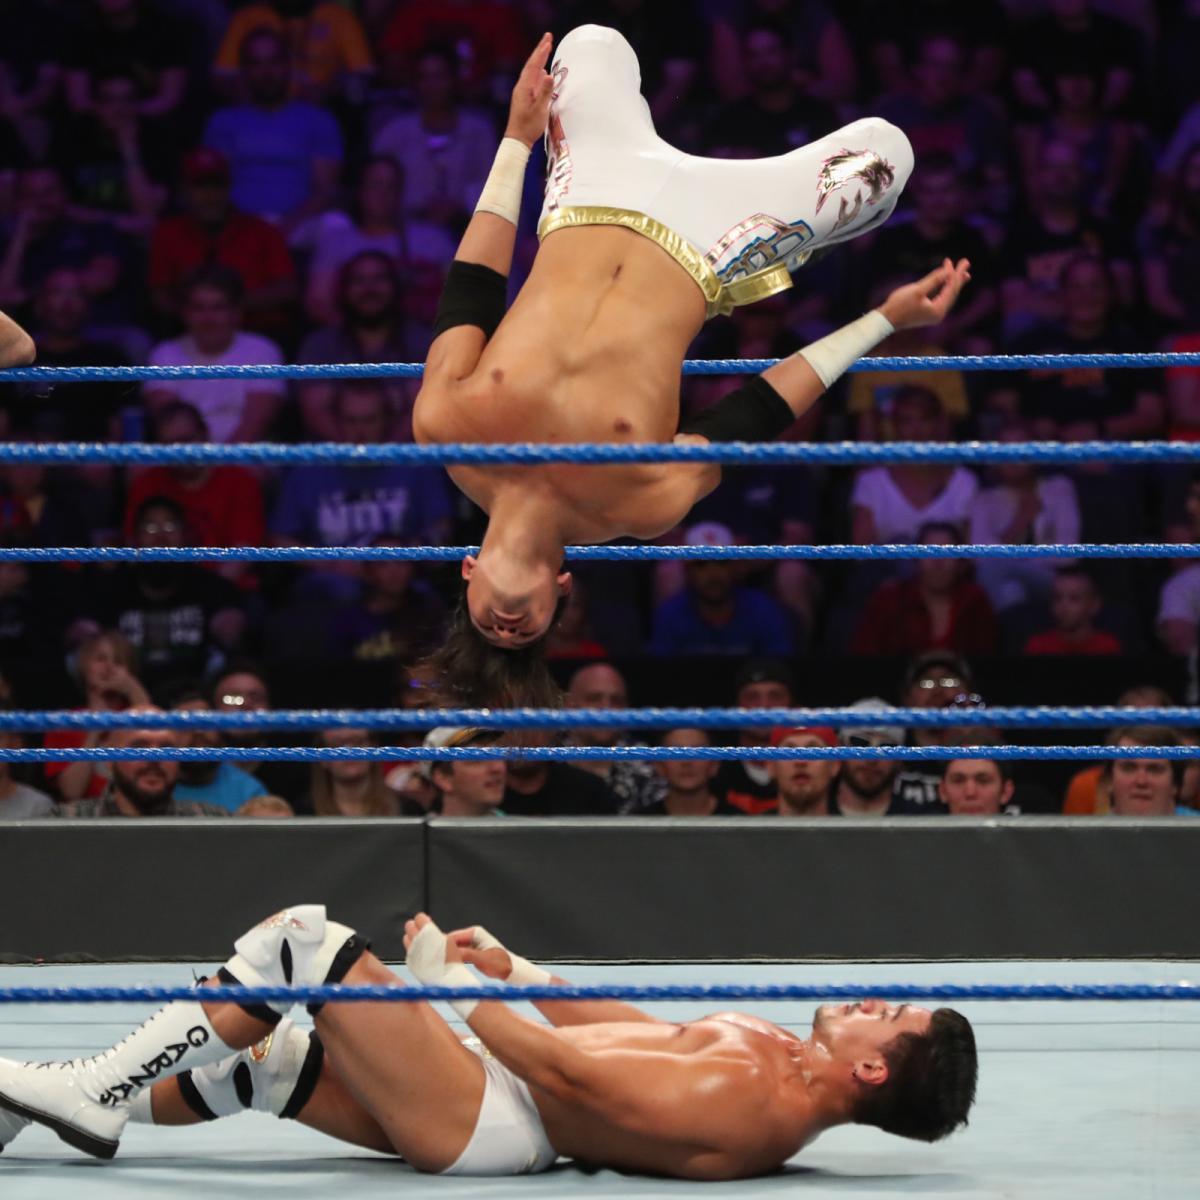 Resultados WWE 205 LIVE (20 de agosto 2019) | ¡Ángel Garza debuta! 4